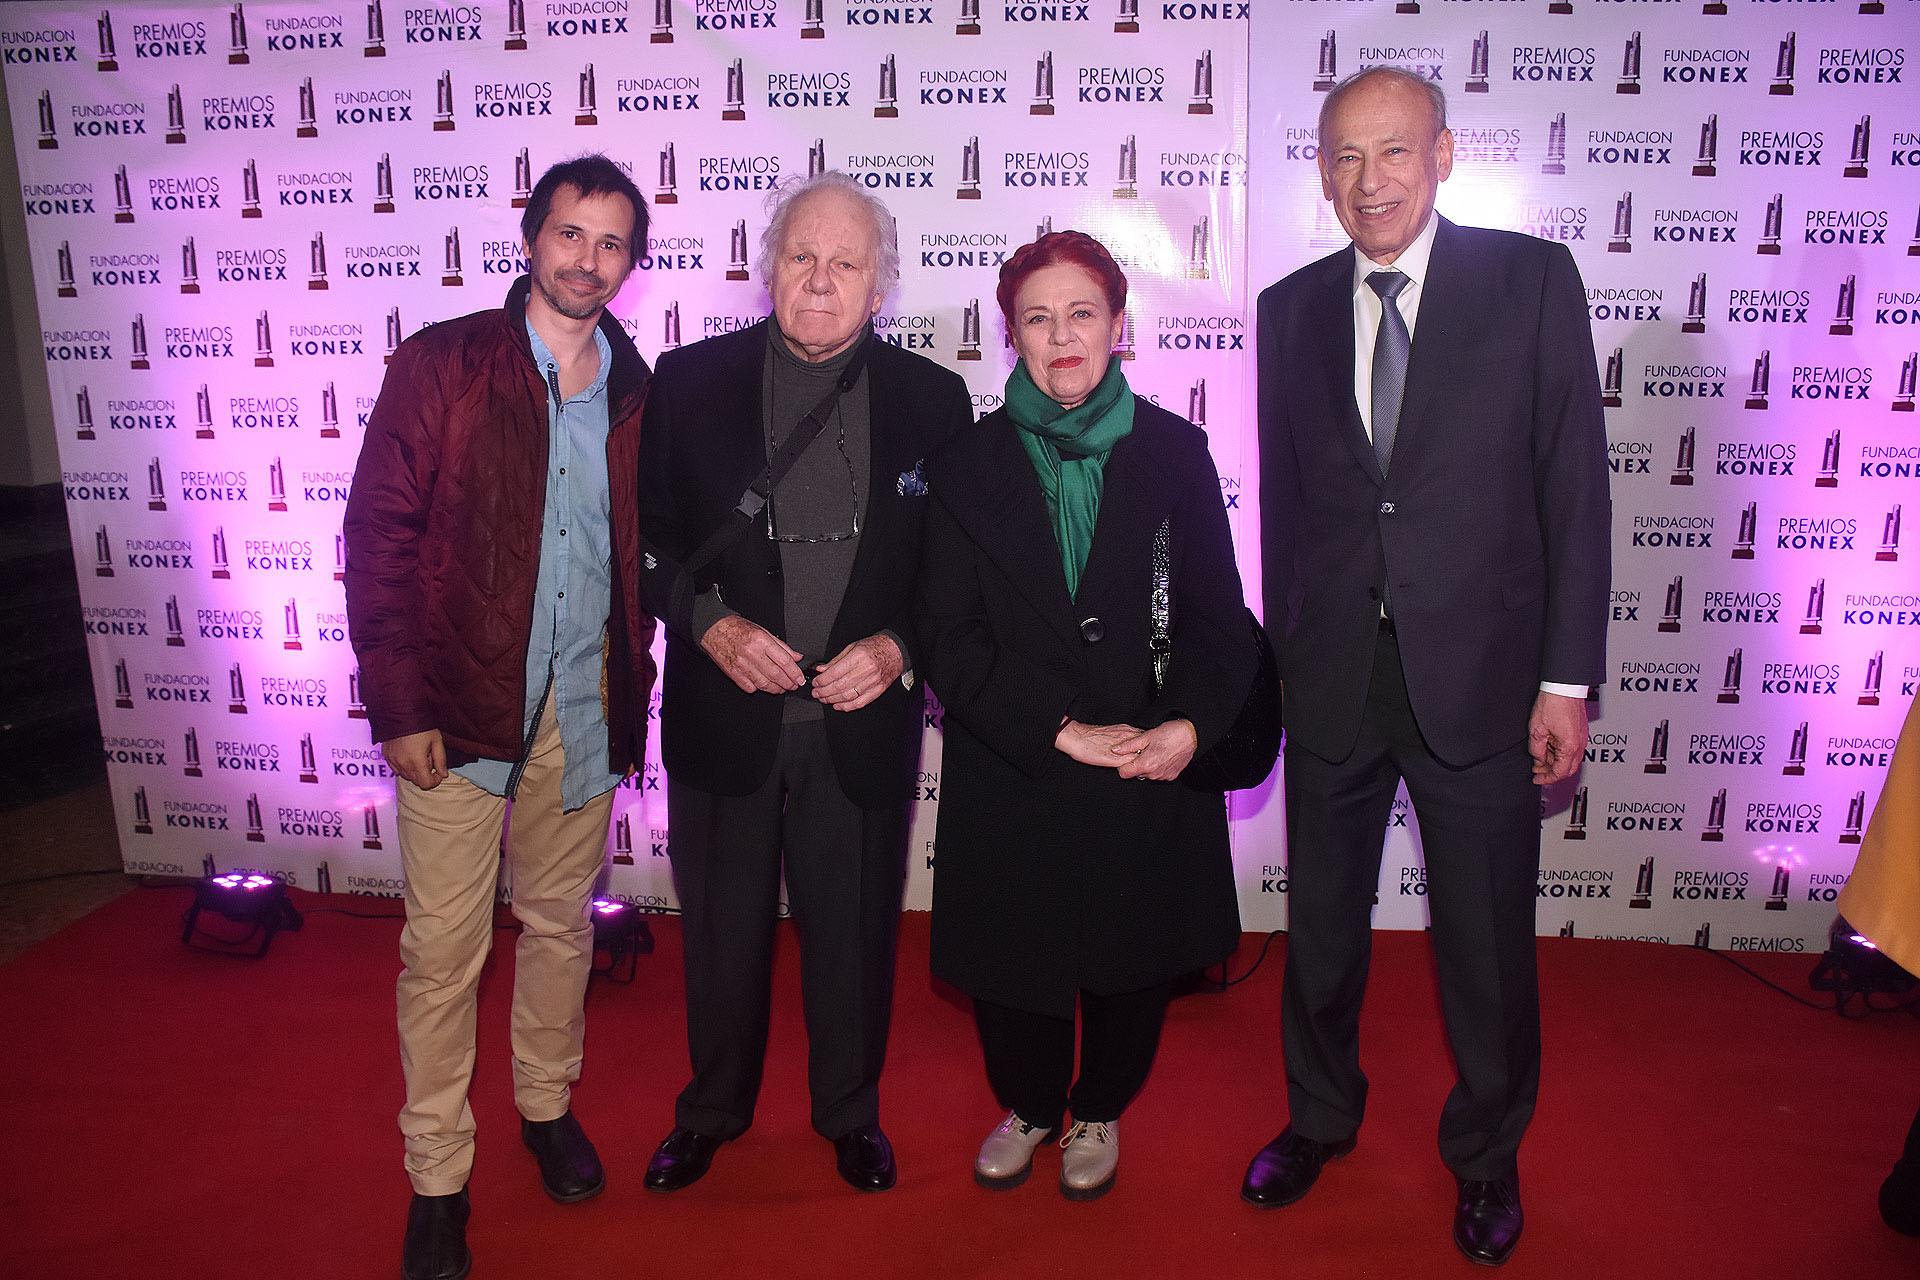 Yamil Ostrovsky, junto a Emilio Basaldúa, Renata Schussheim y Luis Ovsejevich